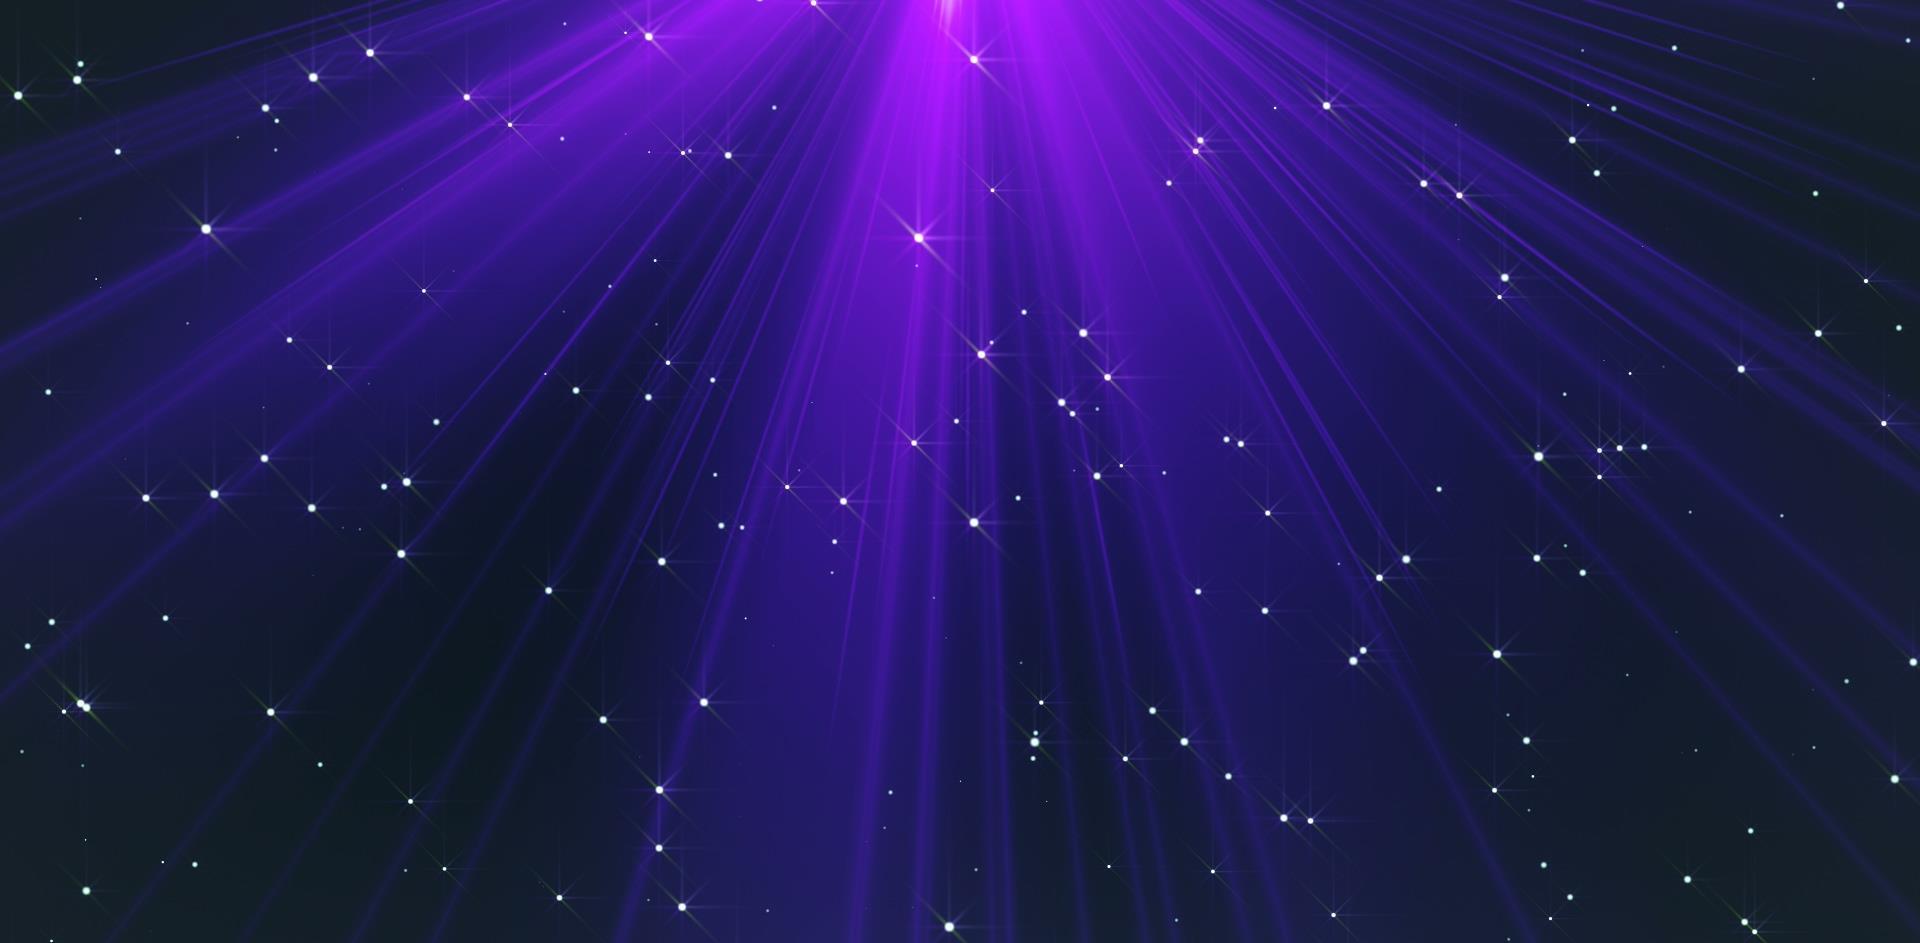 紫罗兰色光芒舞台LED视频素材